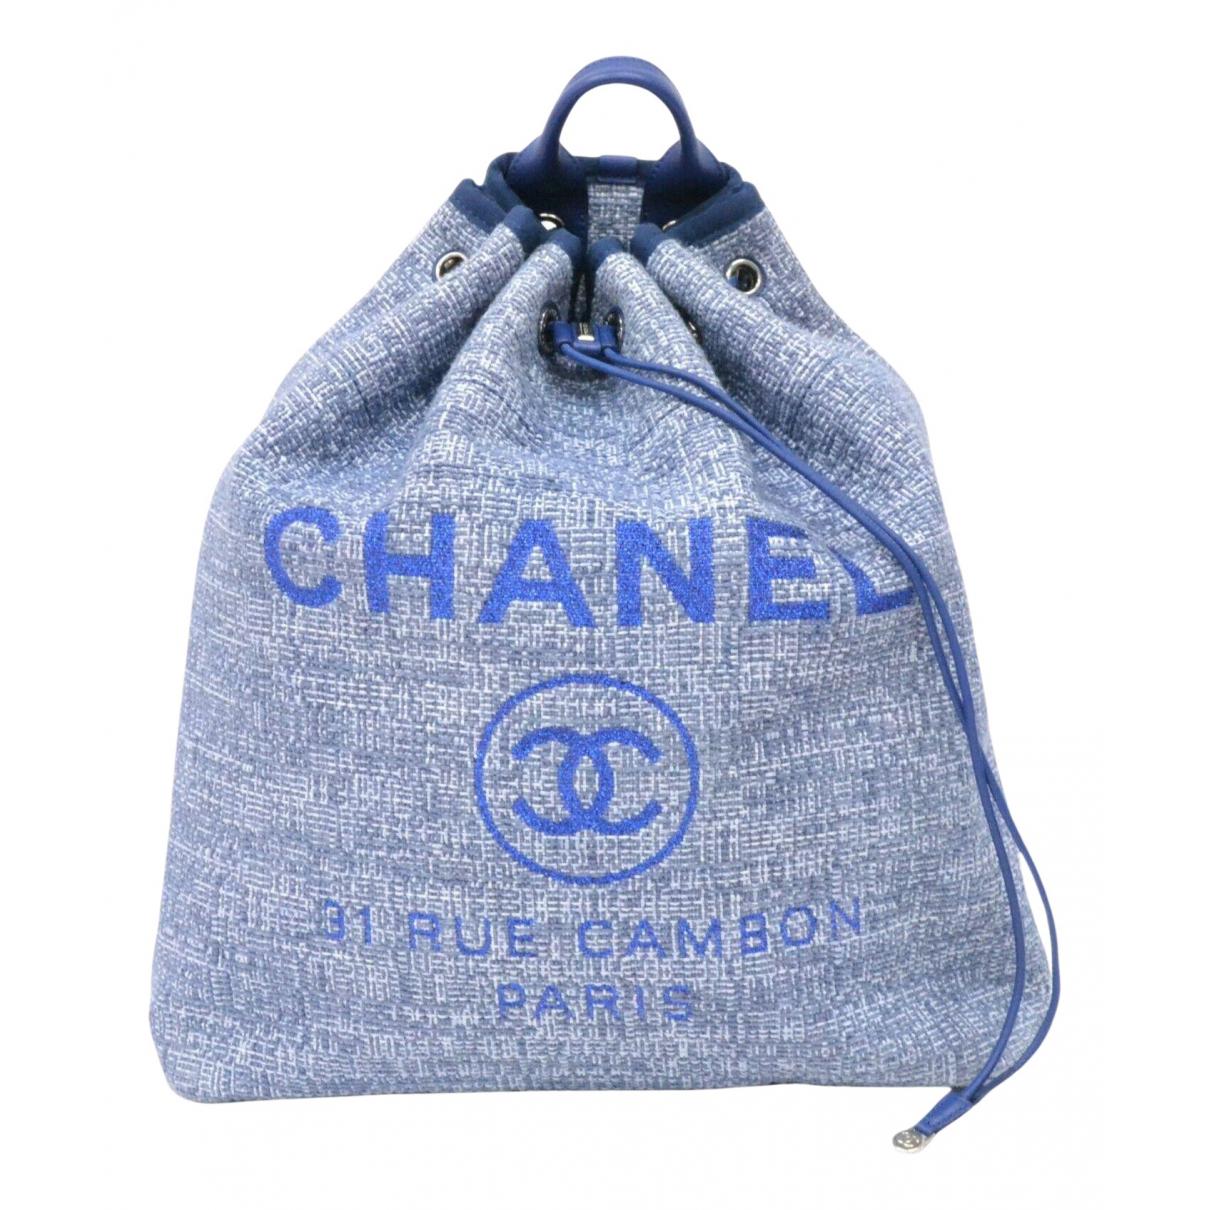 Mochila Deauville Tweed Chanel